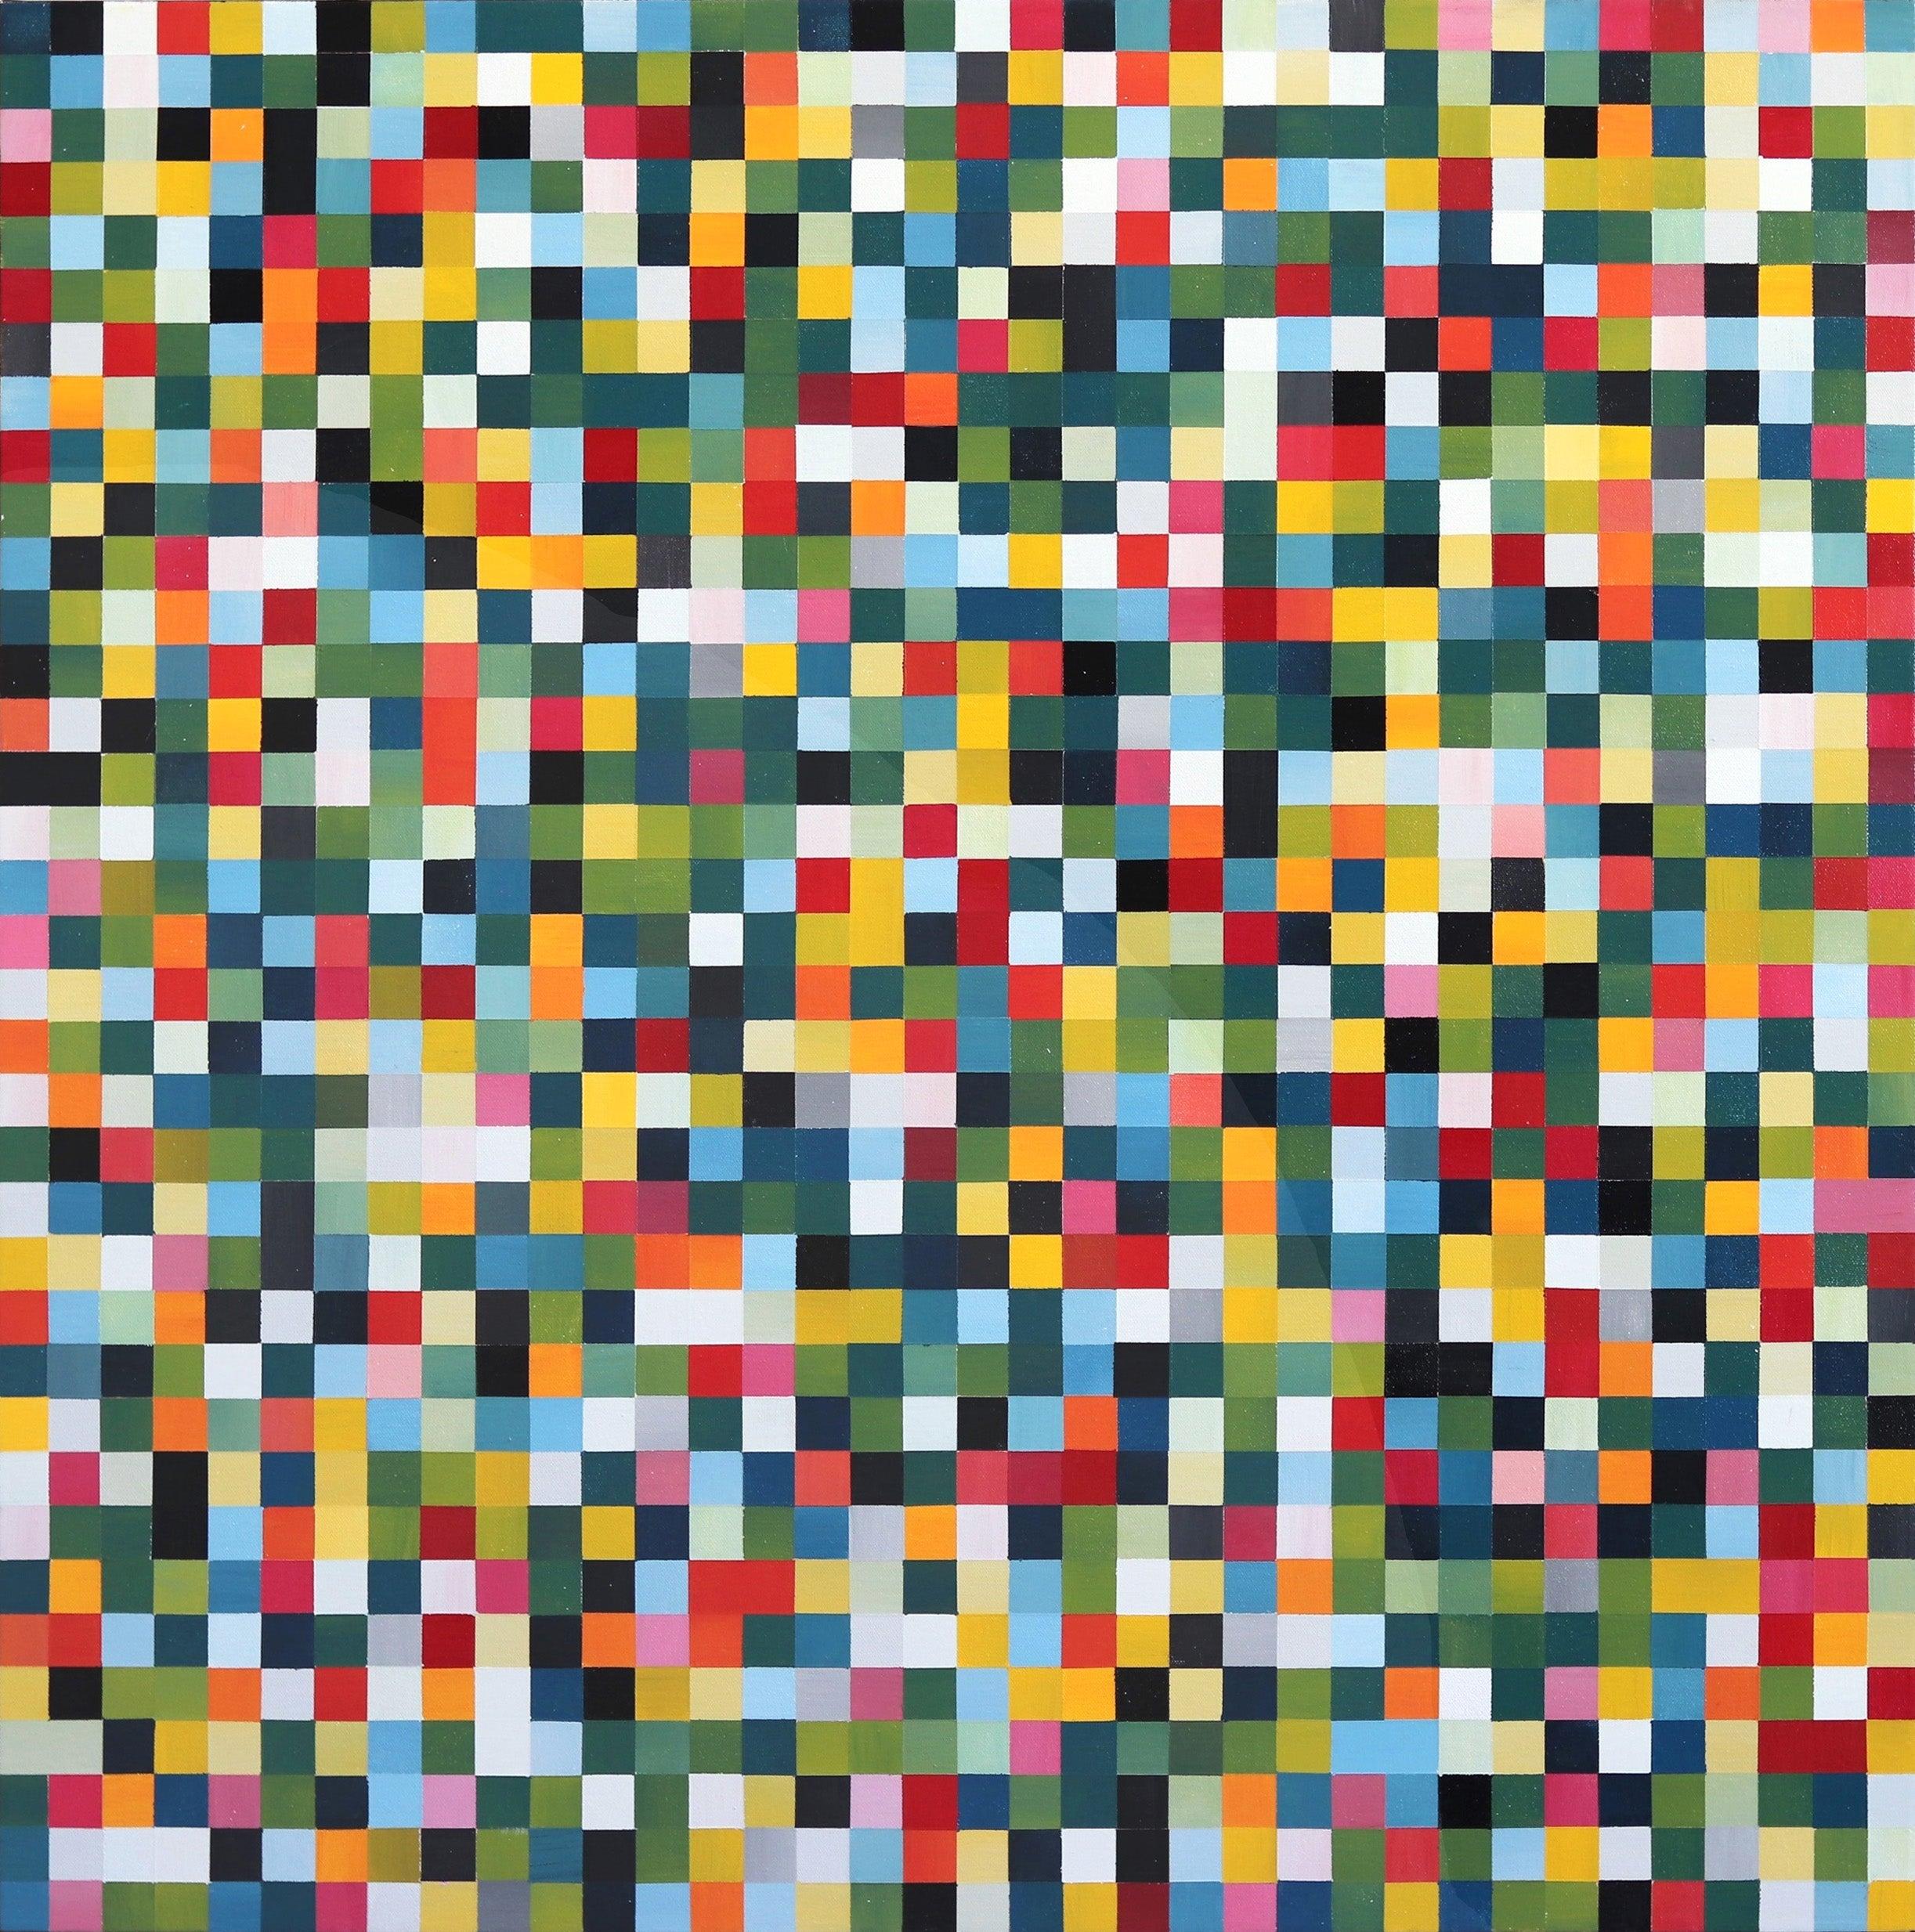 1296 Squares